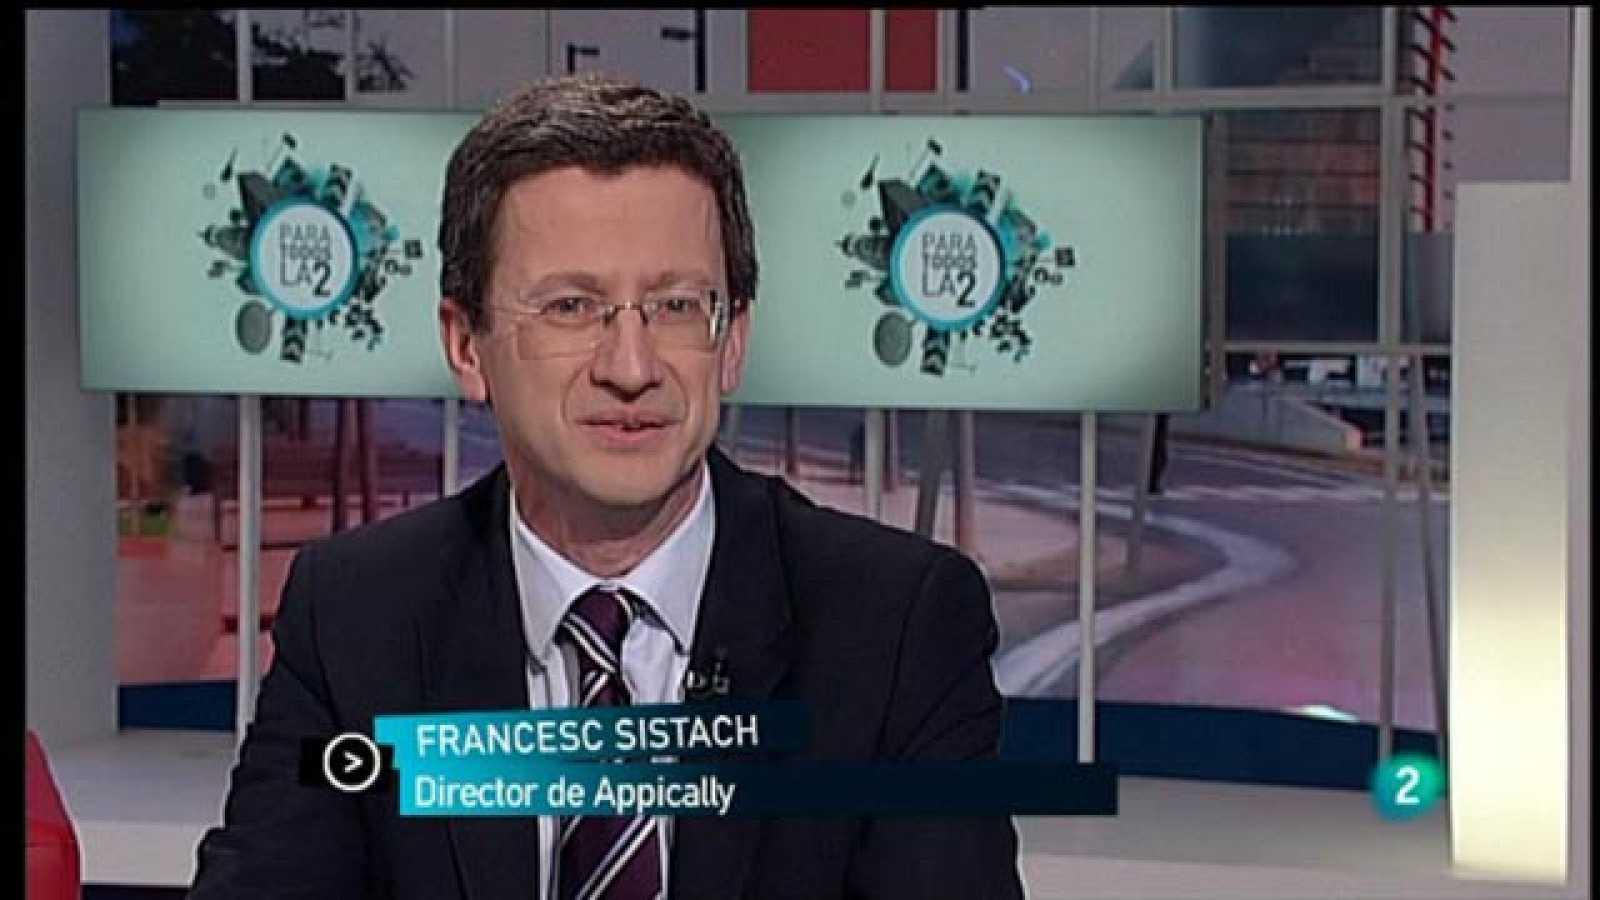 Para Todos La 2 - Entrevista: Francesc Sistach